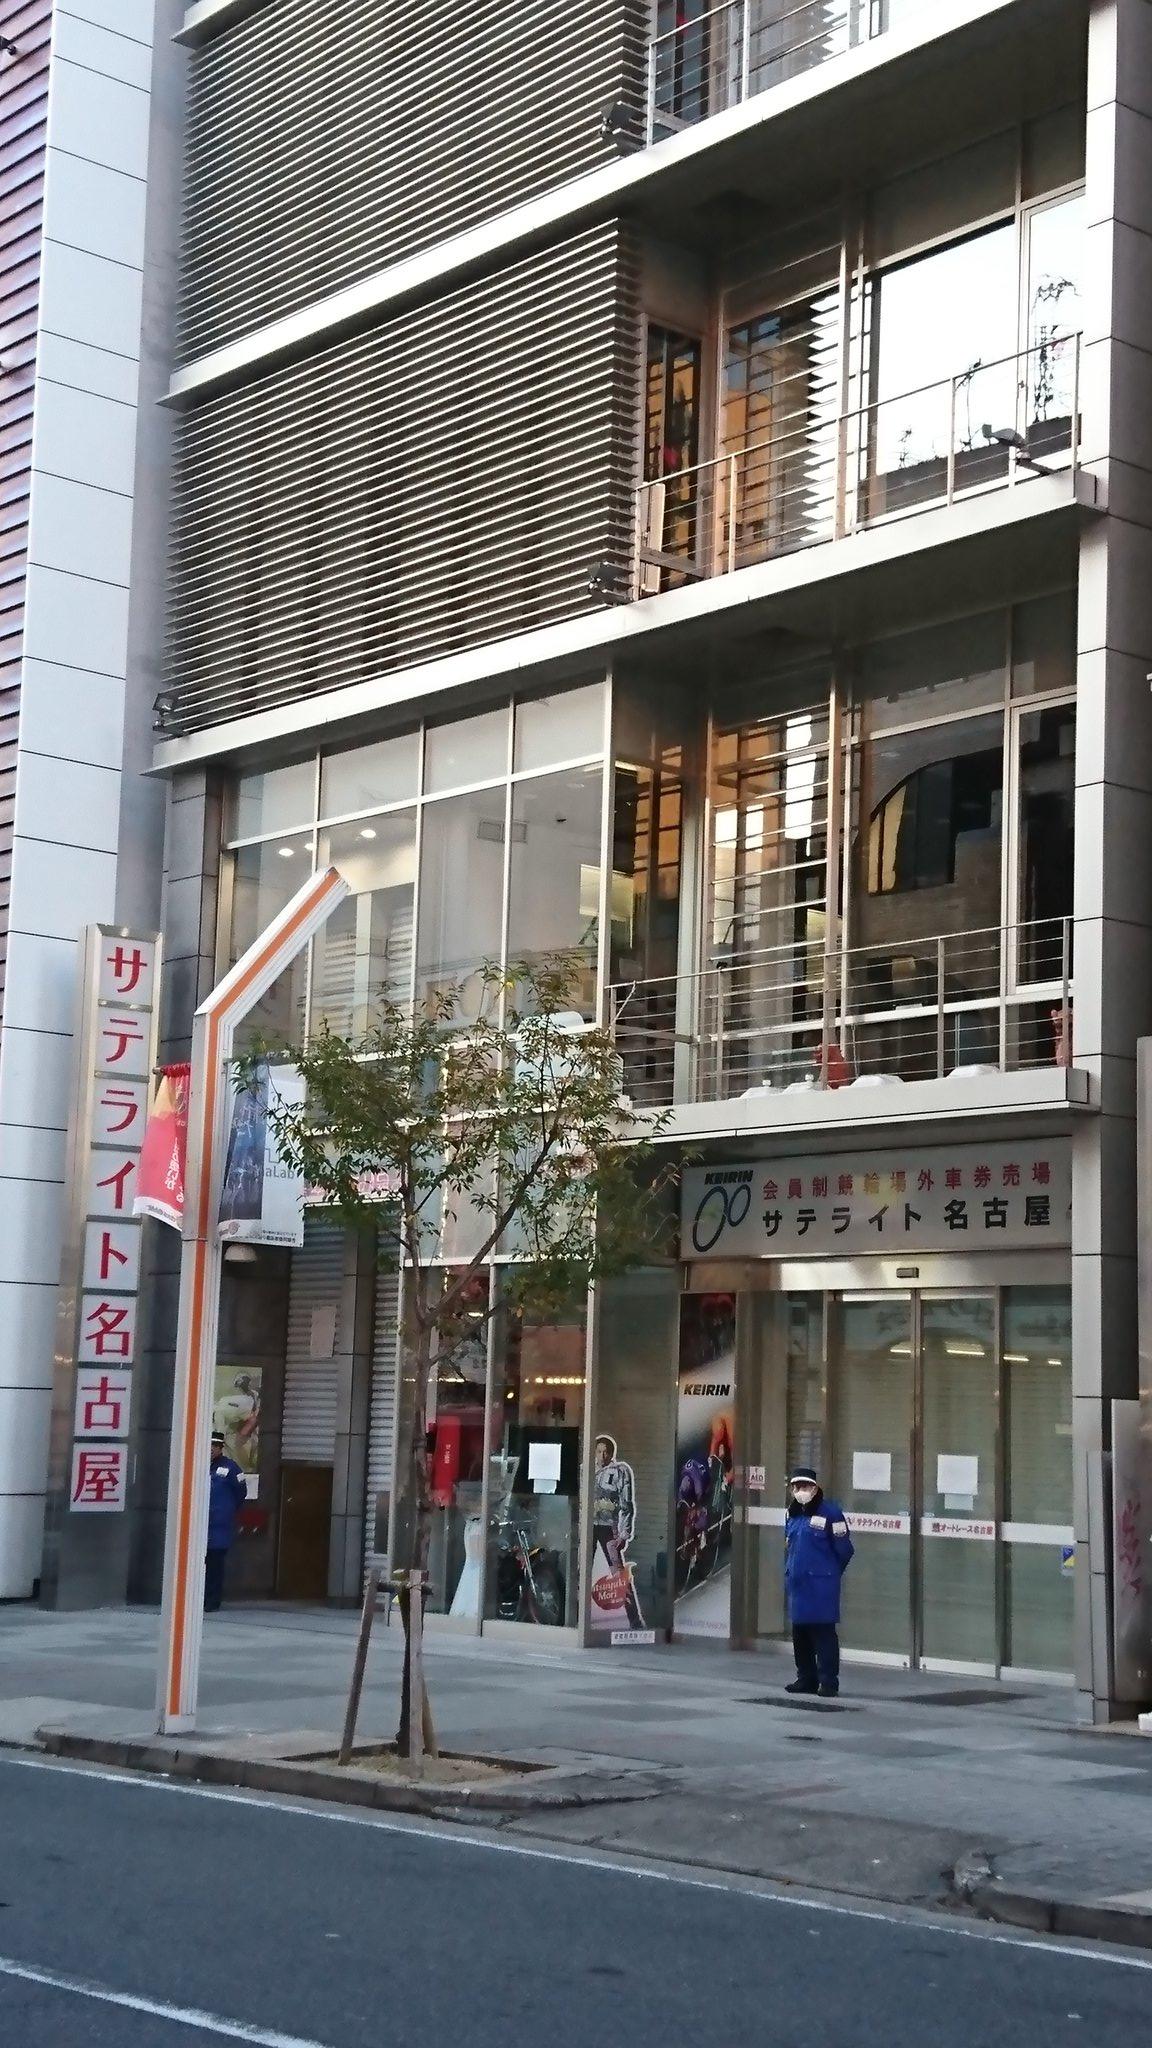 画像,午後から、競輪の場外車券売場「サテライト名古屋」と名古屋を中心に点在していた本屋さん「The libretto(ザ・リブレット)」と、負の遺産ばかり見てきた。気…